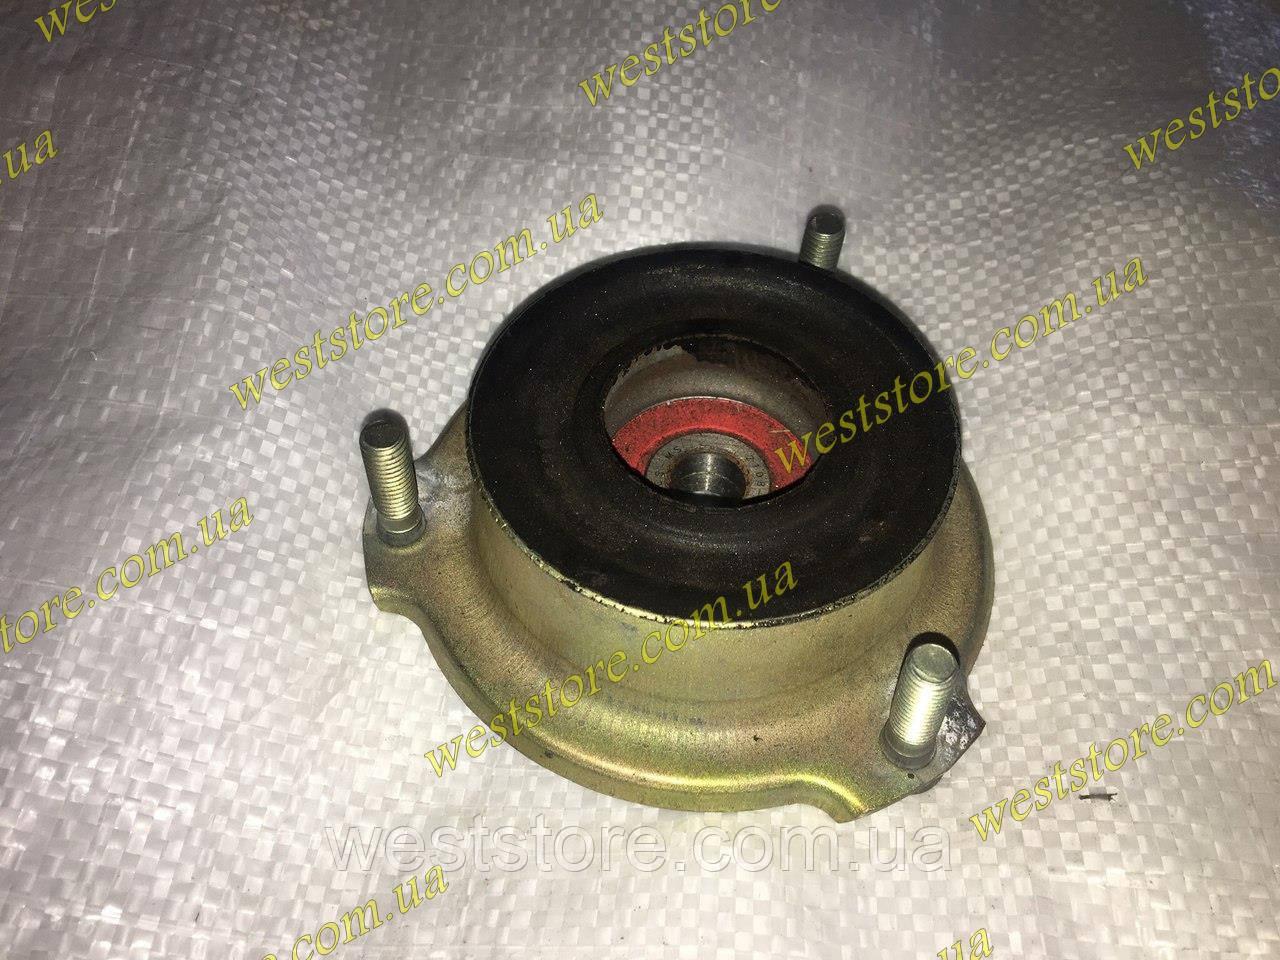 Опора переднего амортизатора (стойки) Заз 1102,1103 Таврия Славута